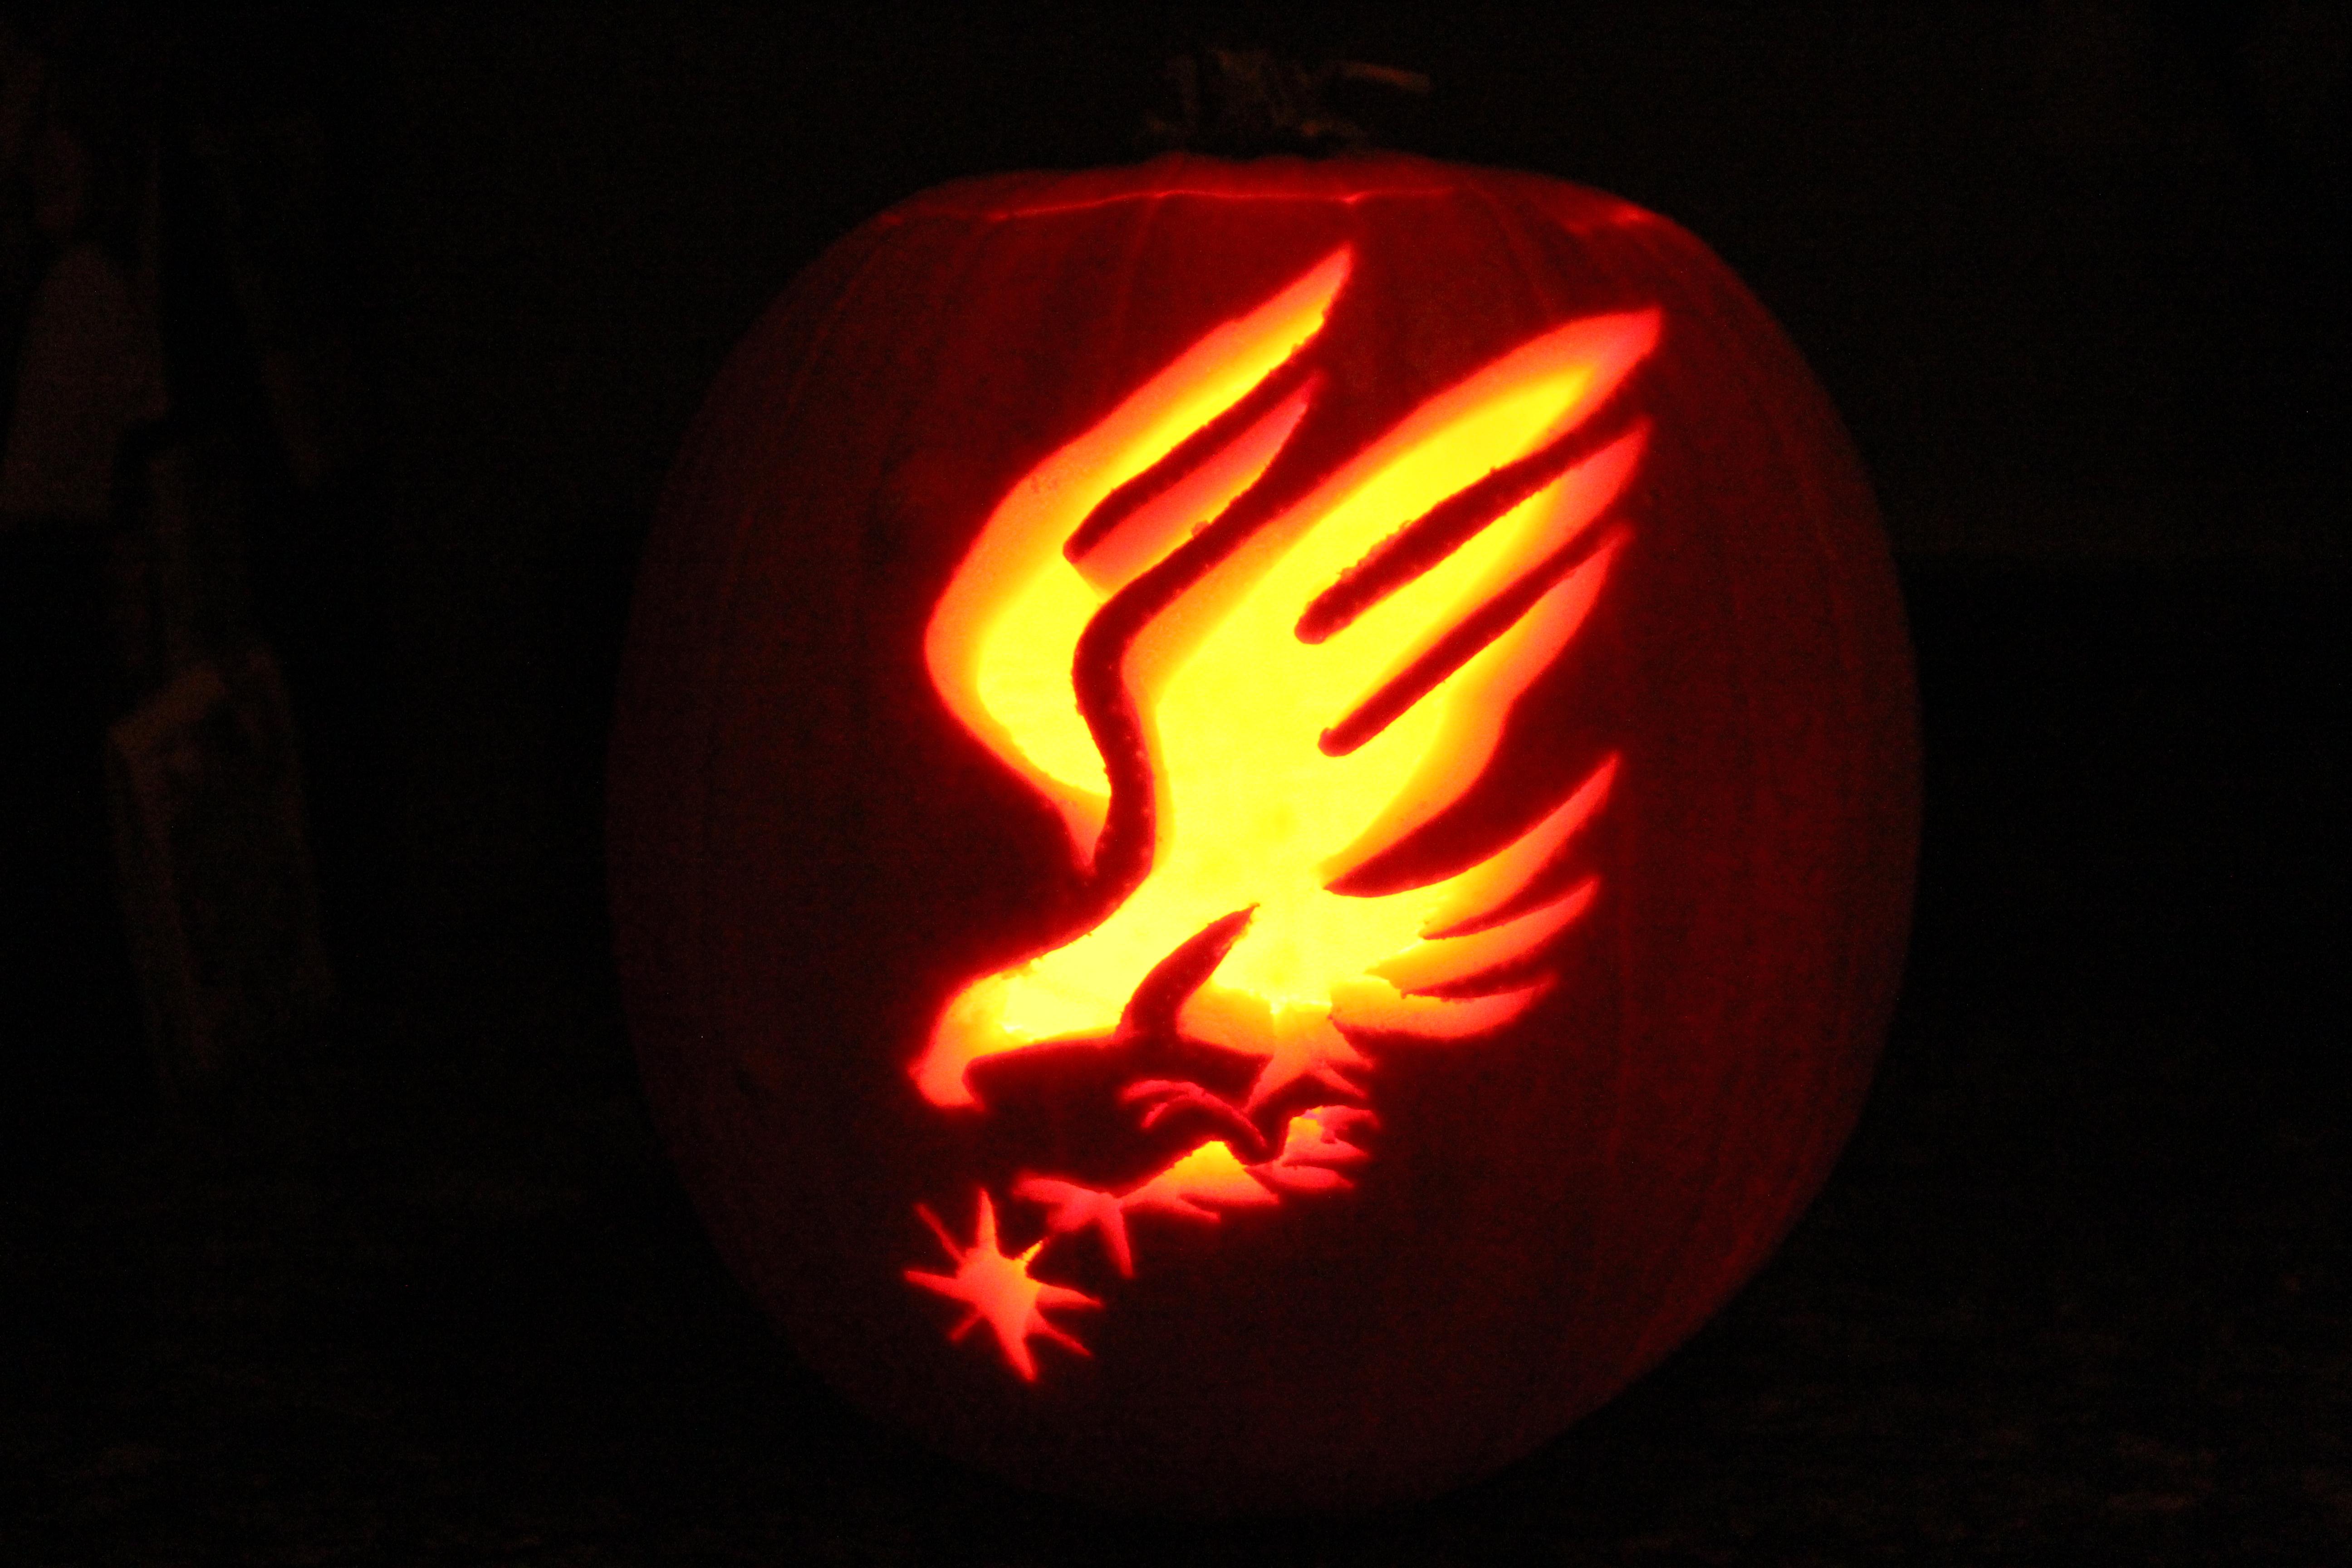 Halloween pumpkin carving inspirations for beer geeks